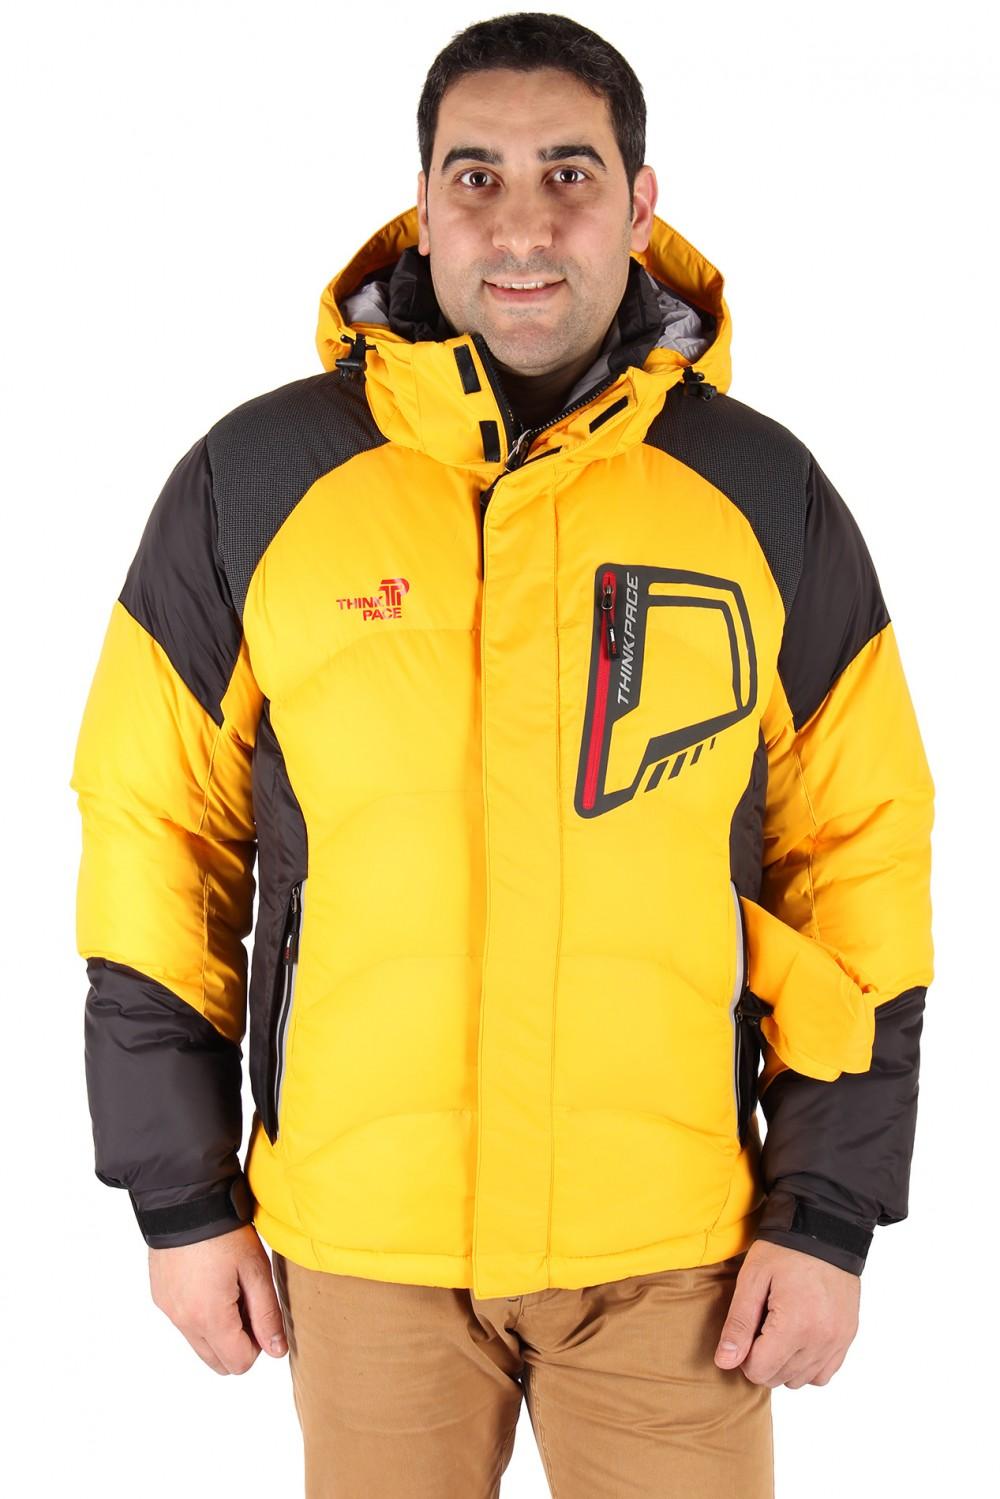 Купить                                      оптом Куртка зимняя мужская желтого цвета 9406J в Санкт-Петербурге